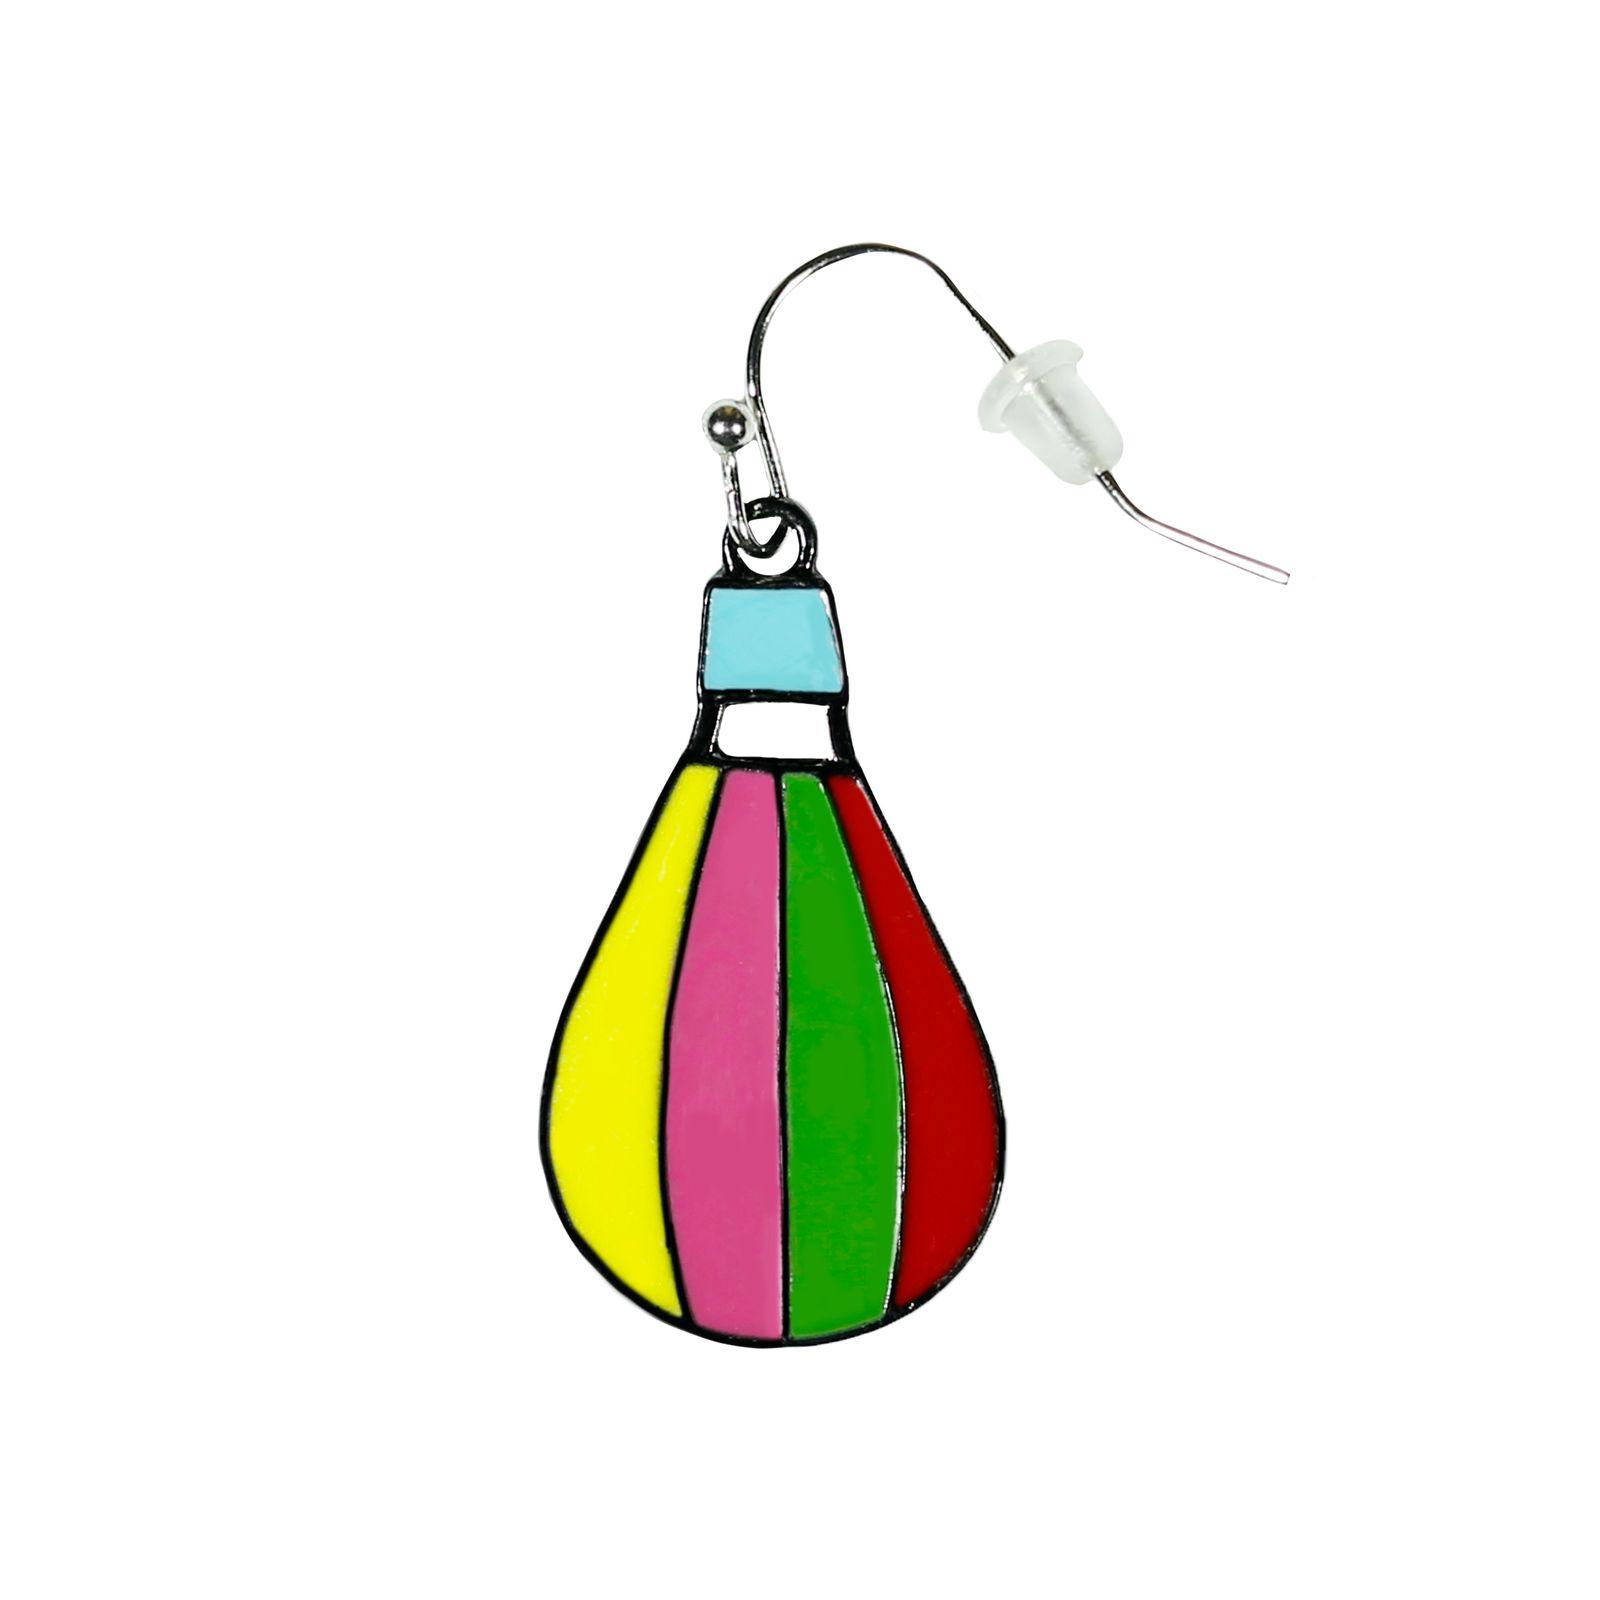 گوشواره زنانه طرح بالن کد BL-GU 109 -  - 3